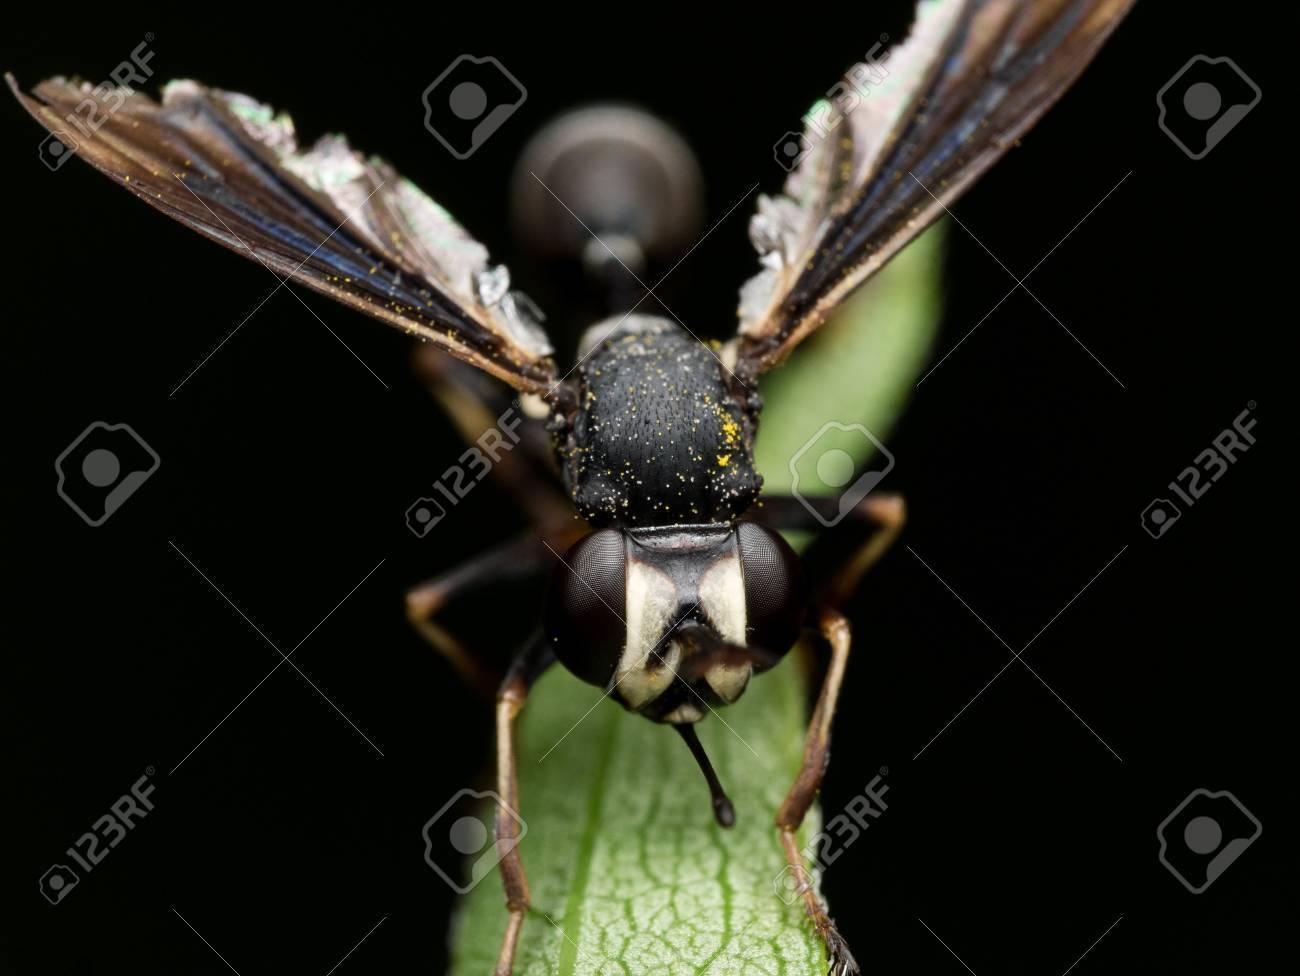 Schwarze Wespe Mit Verletzten Flügel Hände Auf Den Grünen Pflanze